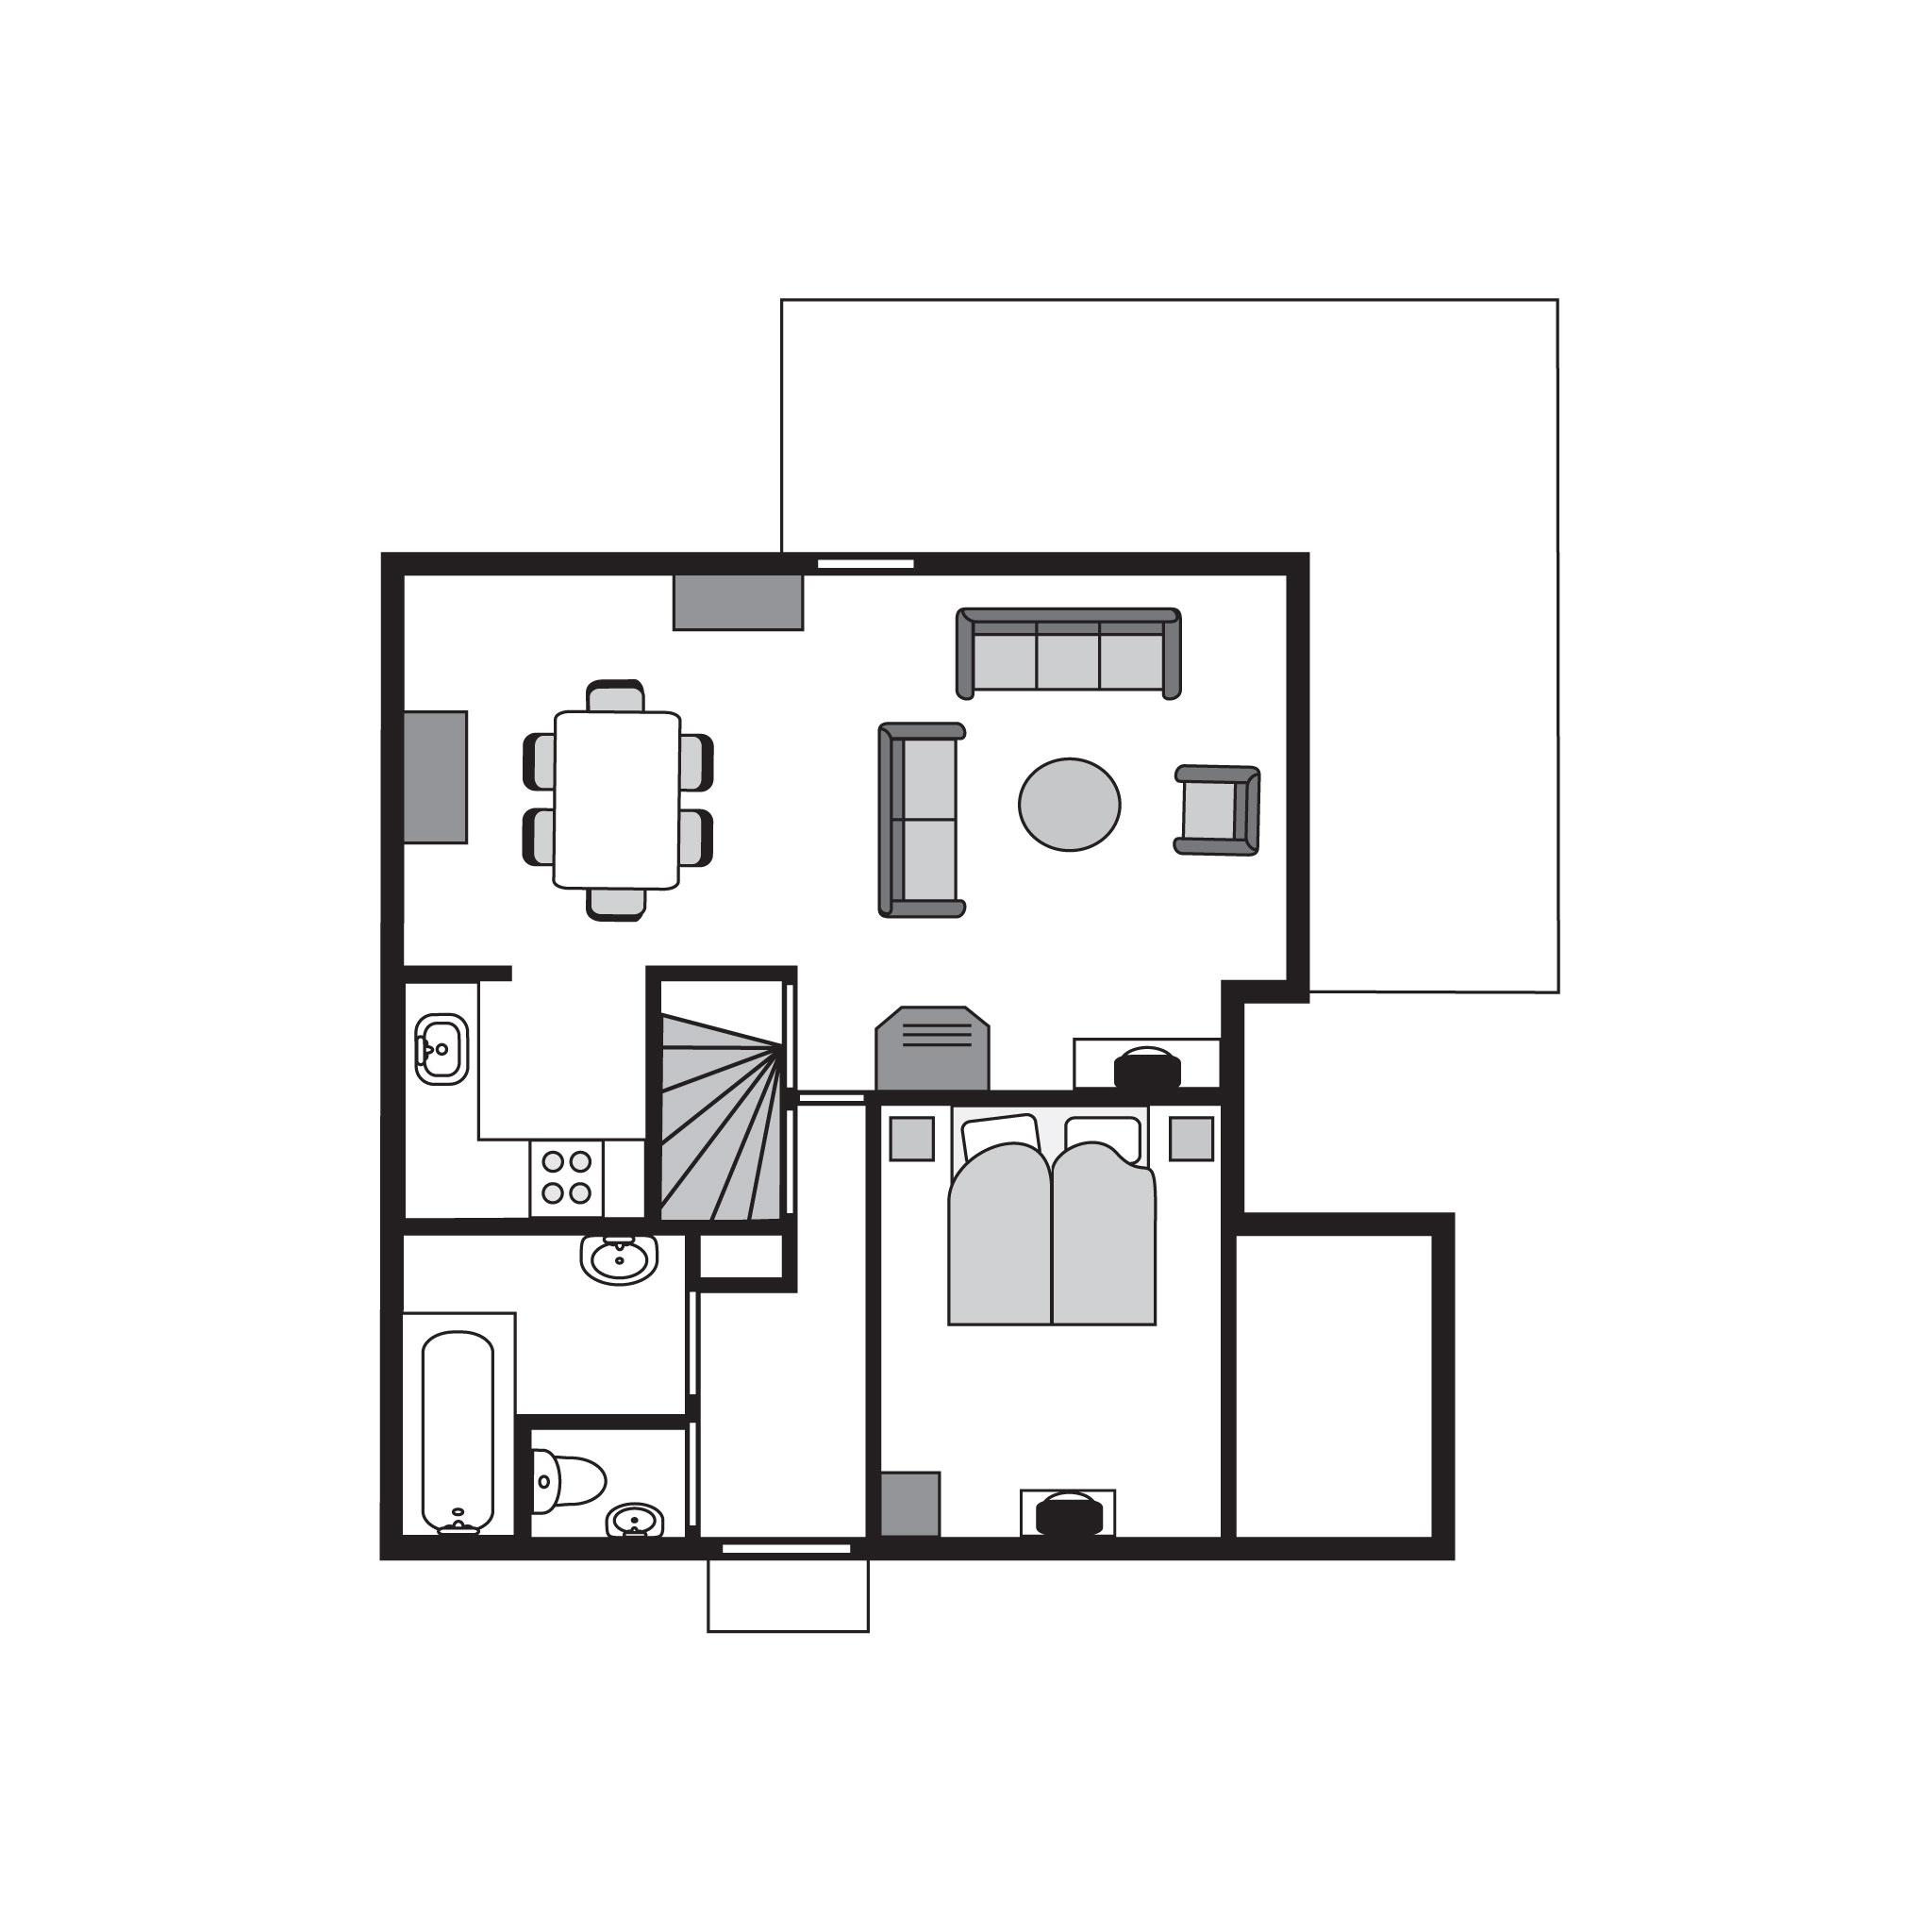 Ferienhaus Komfort 6-Personen-Ferienhaus im Ferienpark Landal Stroombroek - in einer Hügellandschaft (2669730), Braamt, Arnheim-Nimwegen, Gelderland, Niederlande, Bild 27